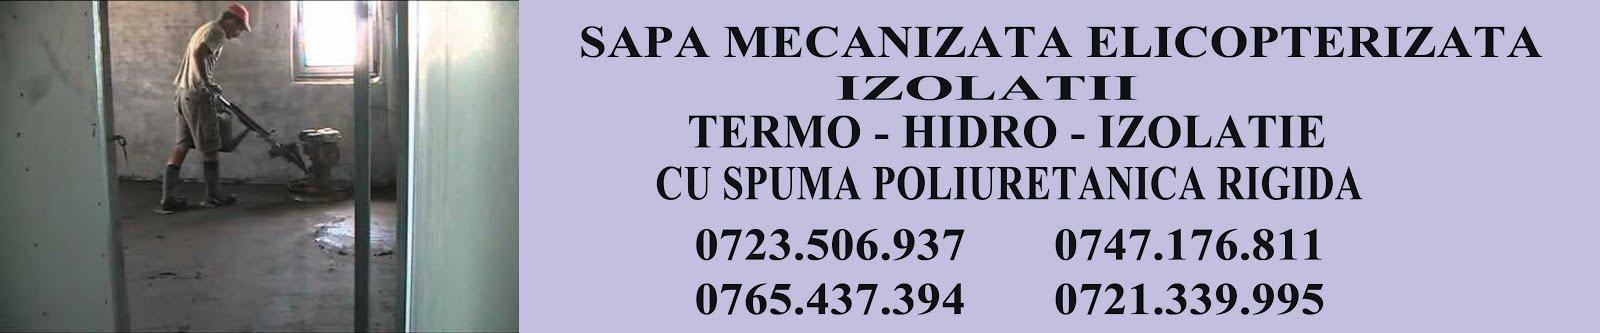 SAPE MECANIZATE 0721339995 BUCURESTI ILFOV